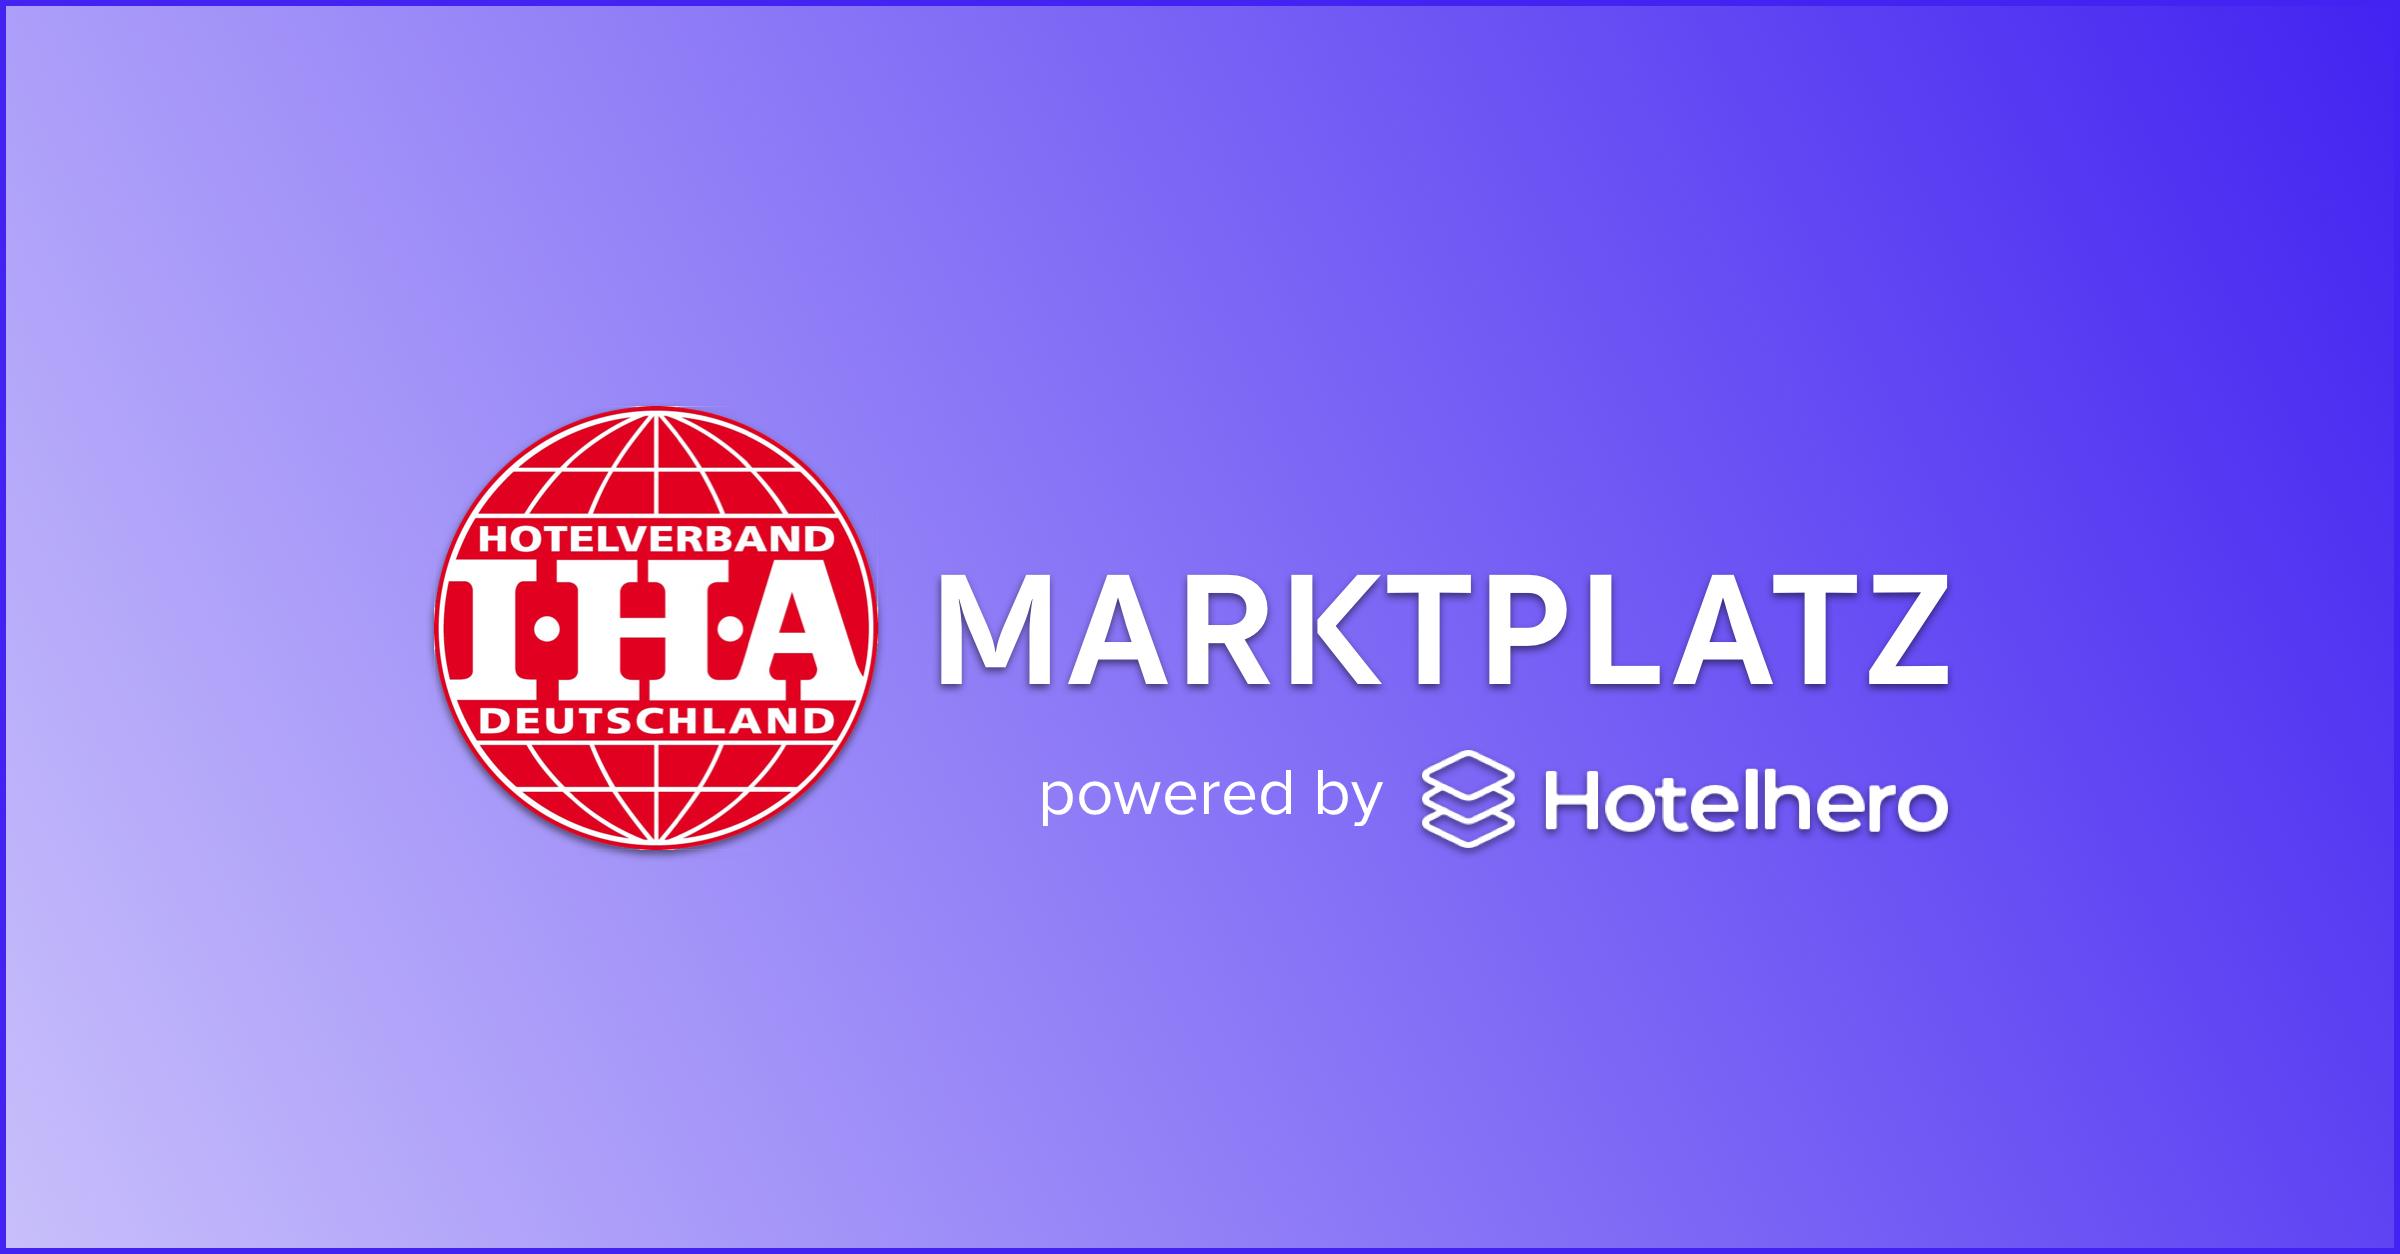 L'association des hôtels allemands, IHA, lance un partenariat stratégique avec Hotelhero pour offrir une plateforme de recherche et d'achat logiciels dédié à ses membres